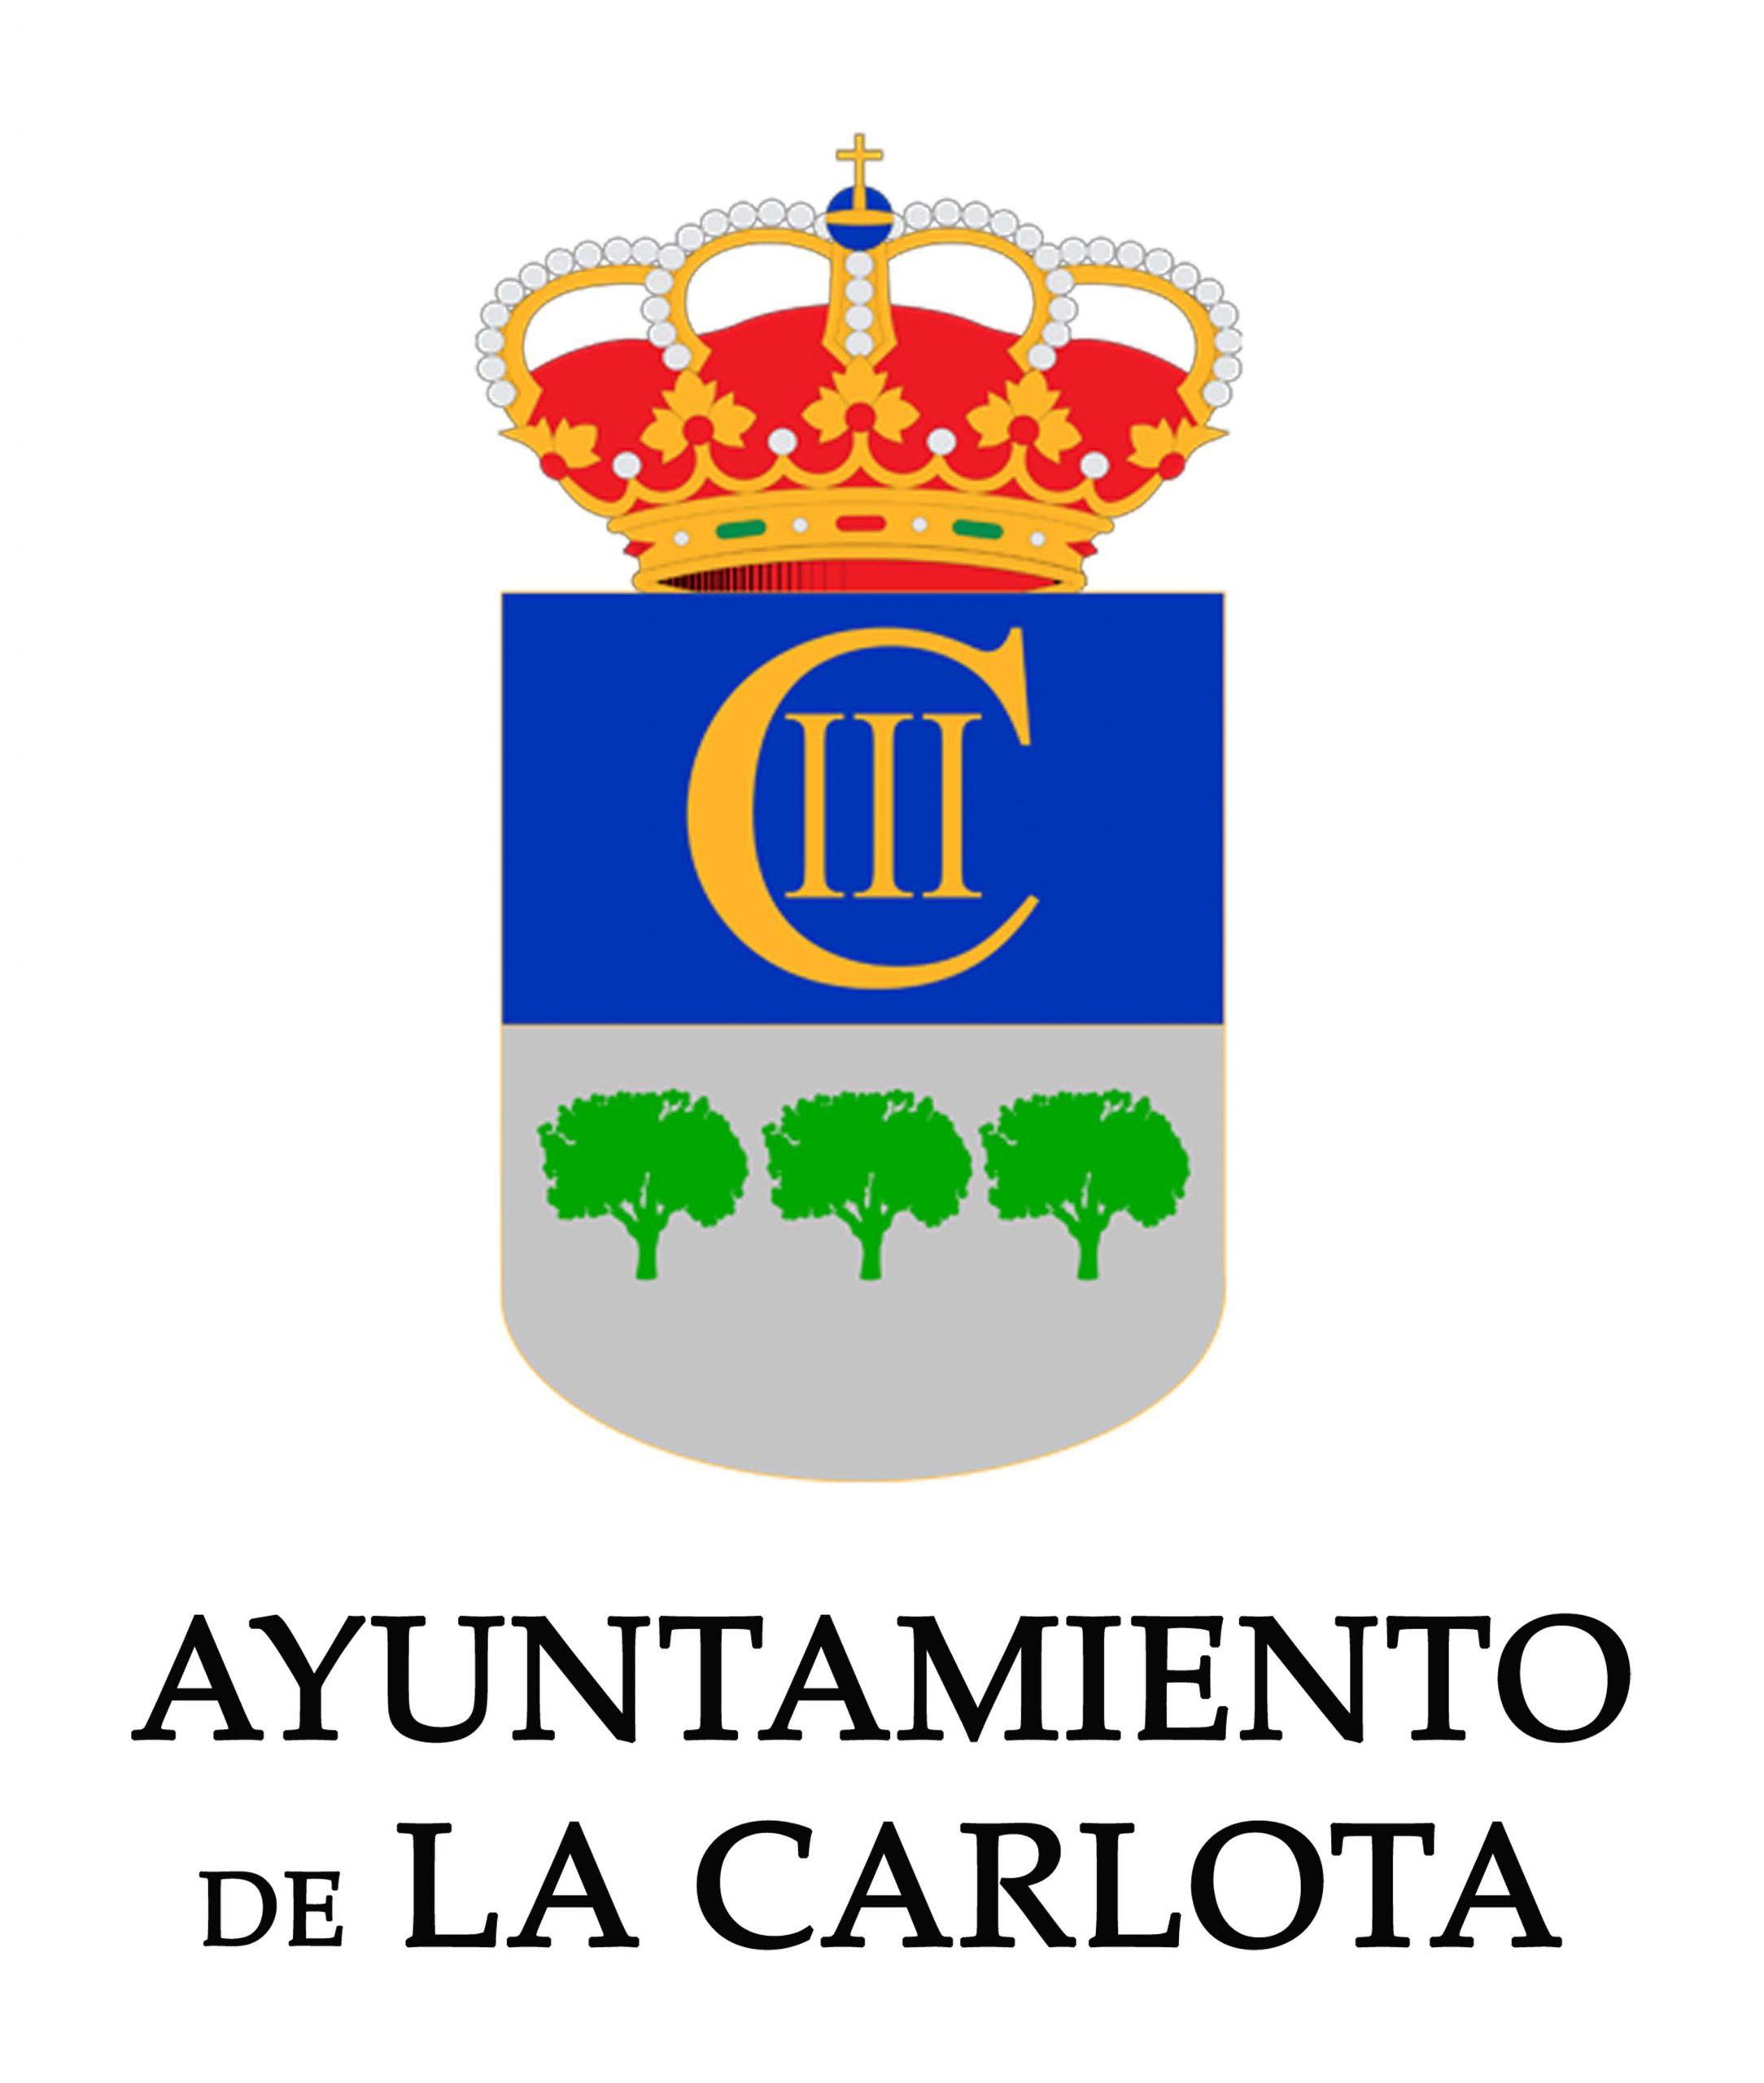 EL AYUNTAMIENTO DE LA CARLOTA INFORMA DE UN NUEVO POSITIVO DE CORONAVIRUS DE UN/A VECINO/A DEL MUNICIPIO 1